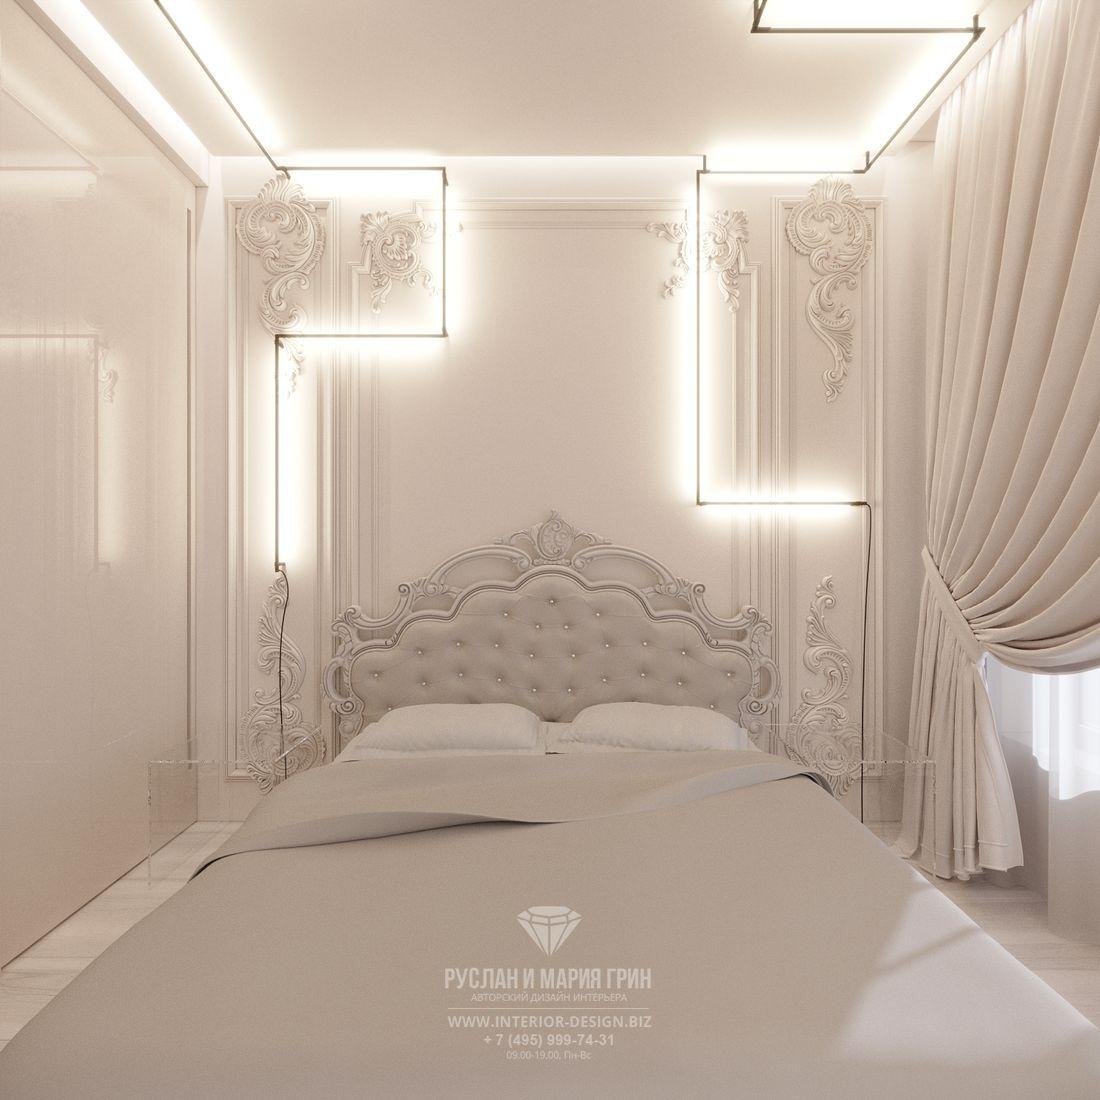 Дизайн современной спальни в светлых тонах с барочной лепниной